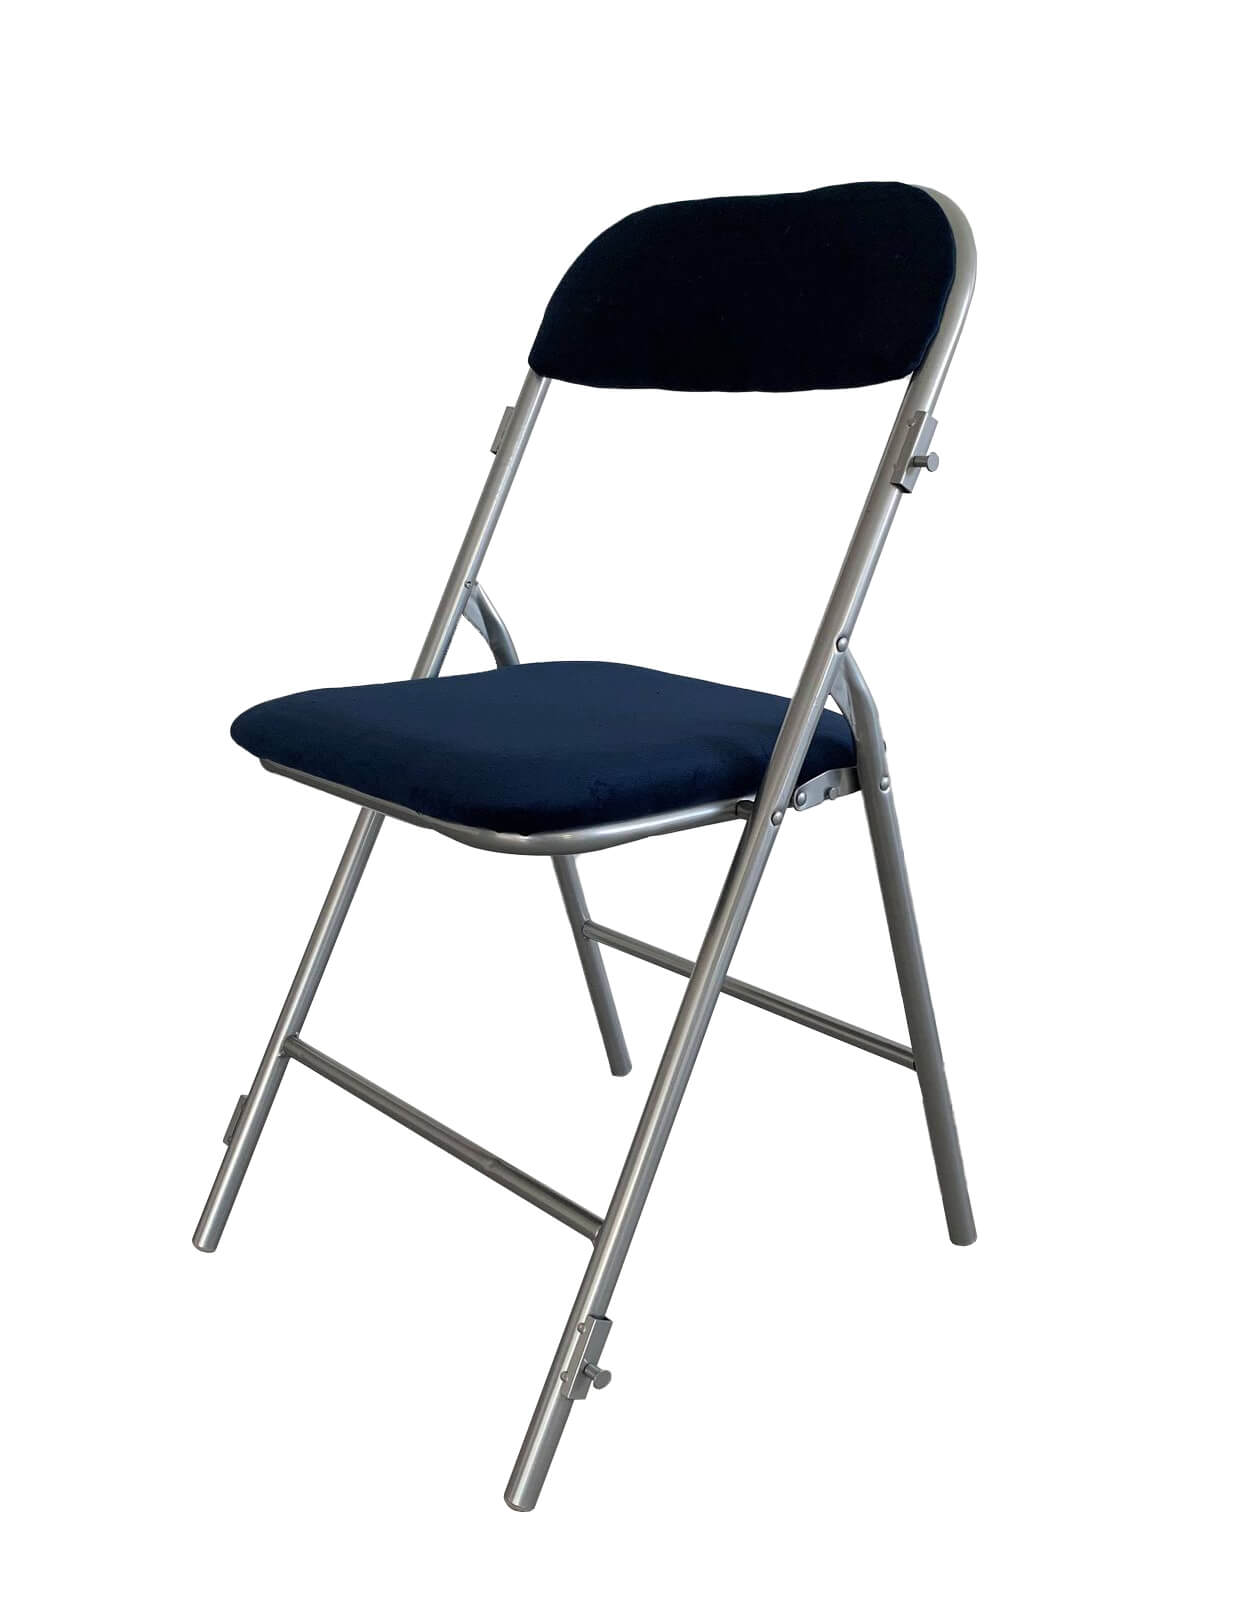 Chaise pliante chaise pliante acier et tissu mobilier for Chaise pliante